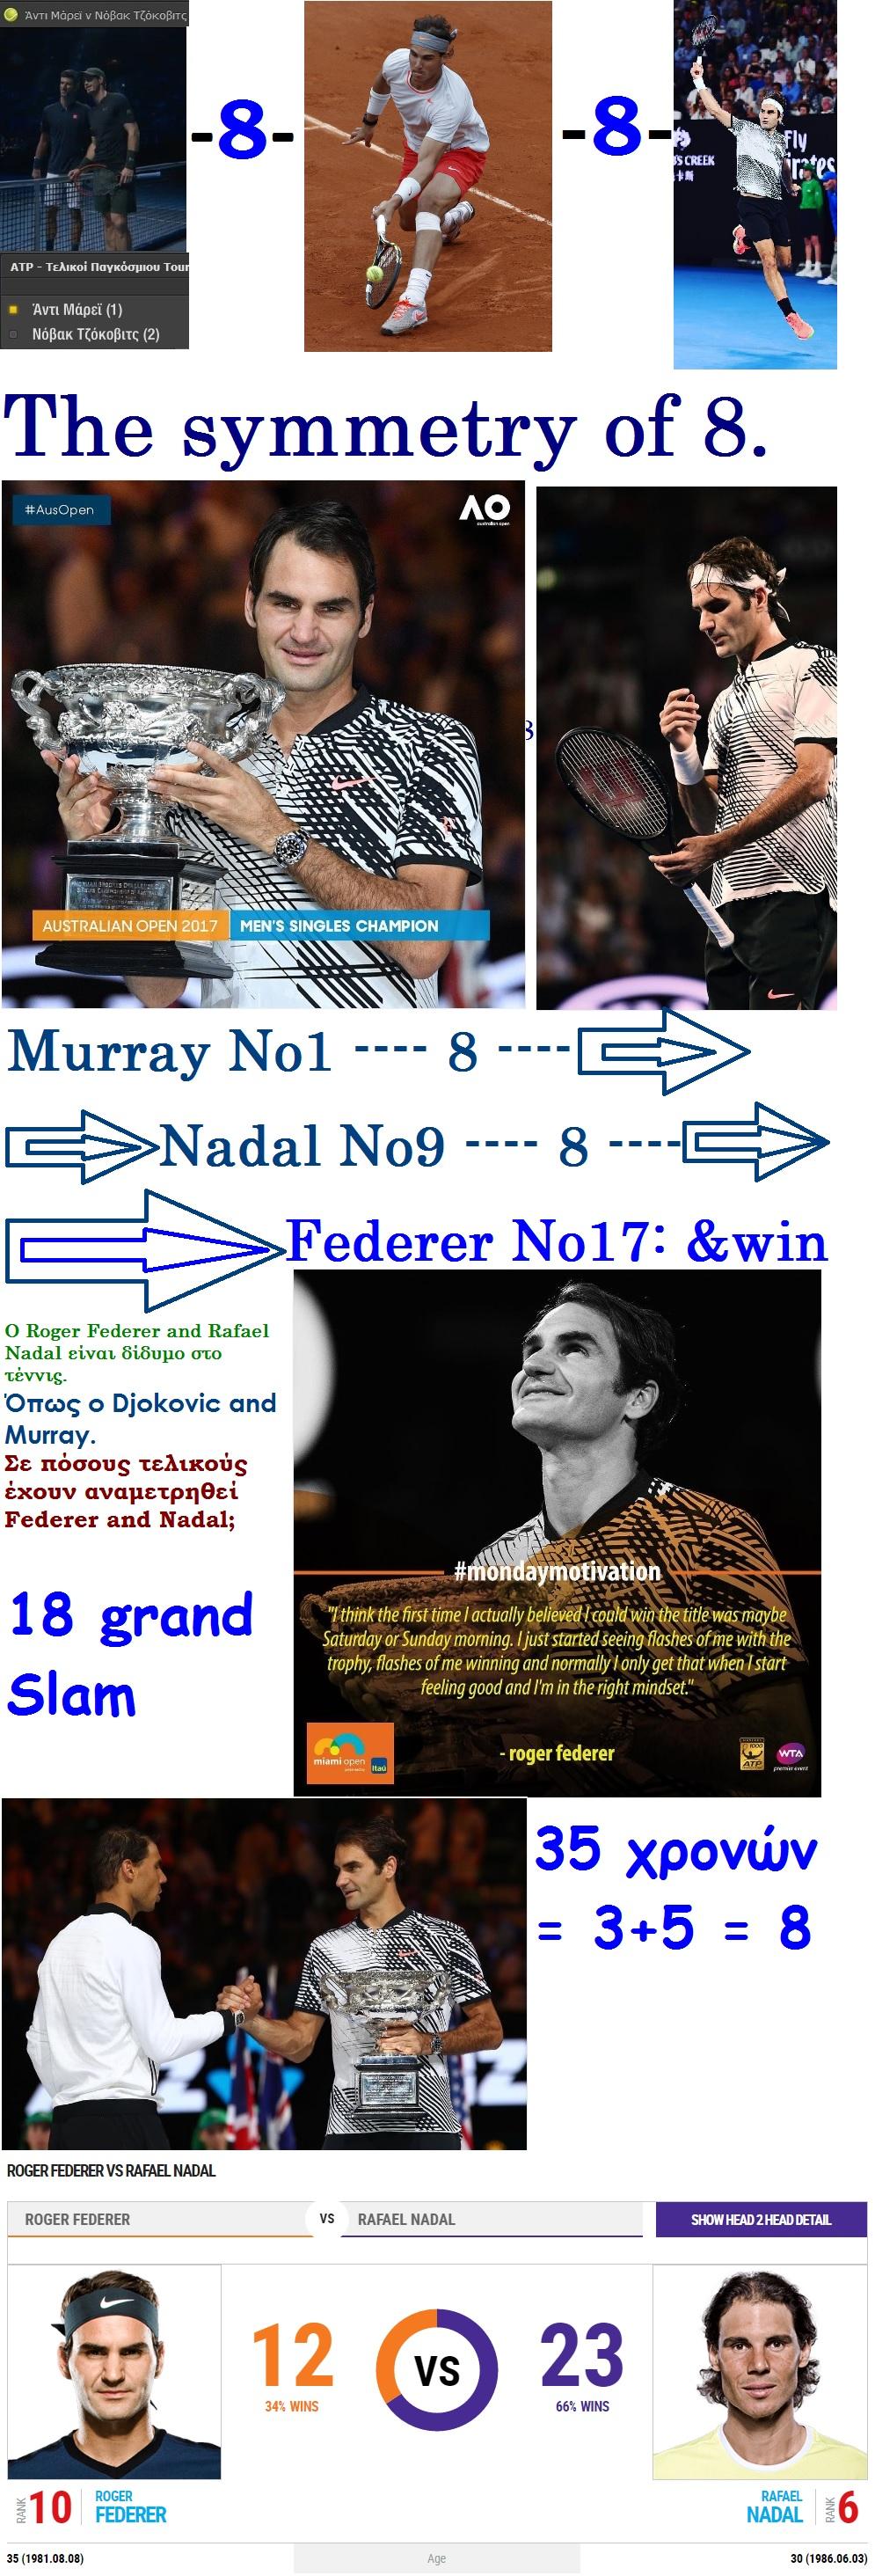 tennis-australian-open-grand-slam-final-roger-federer-vs-nadal-25-310117